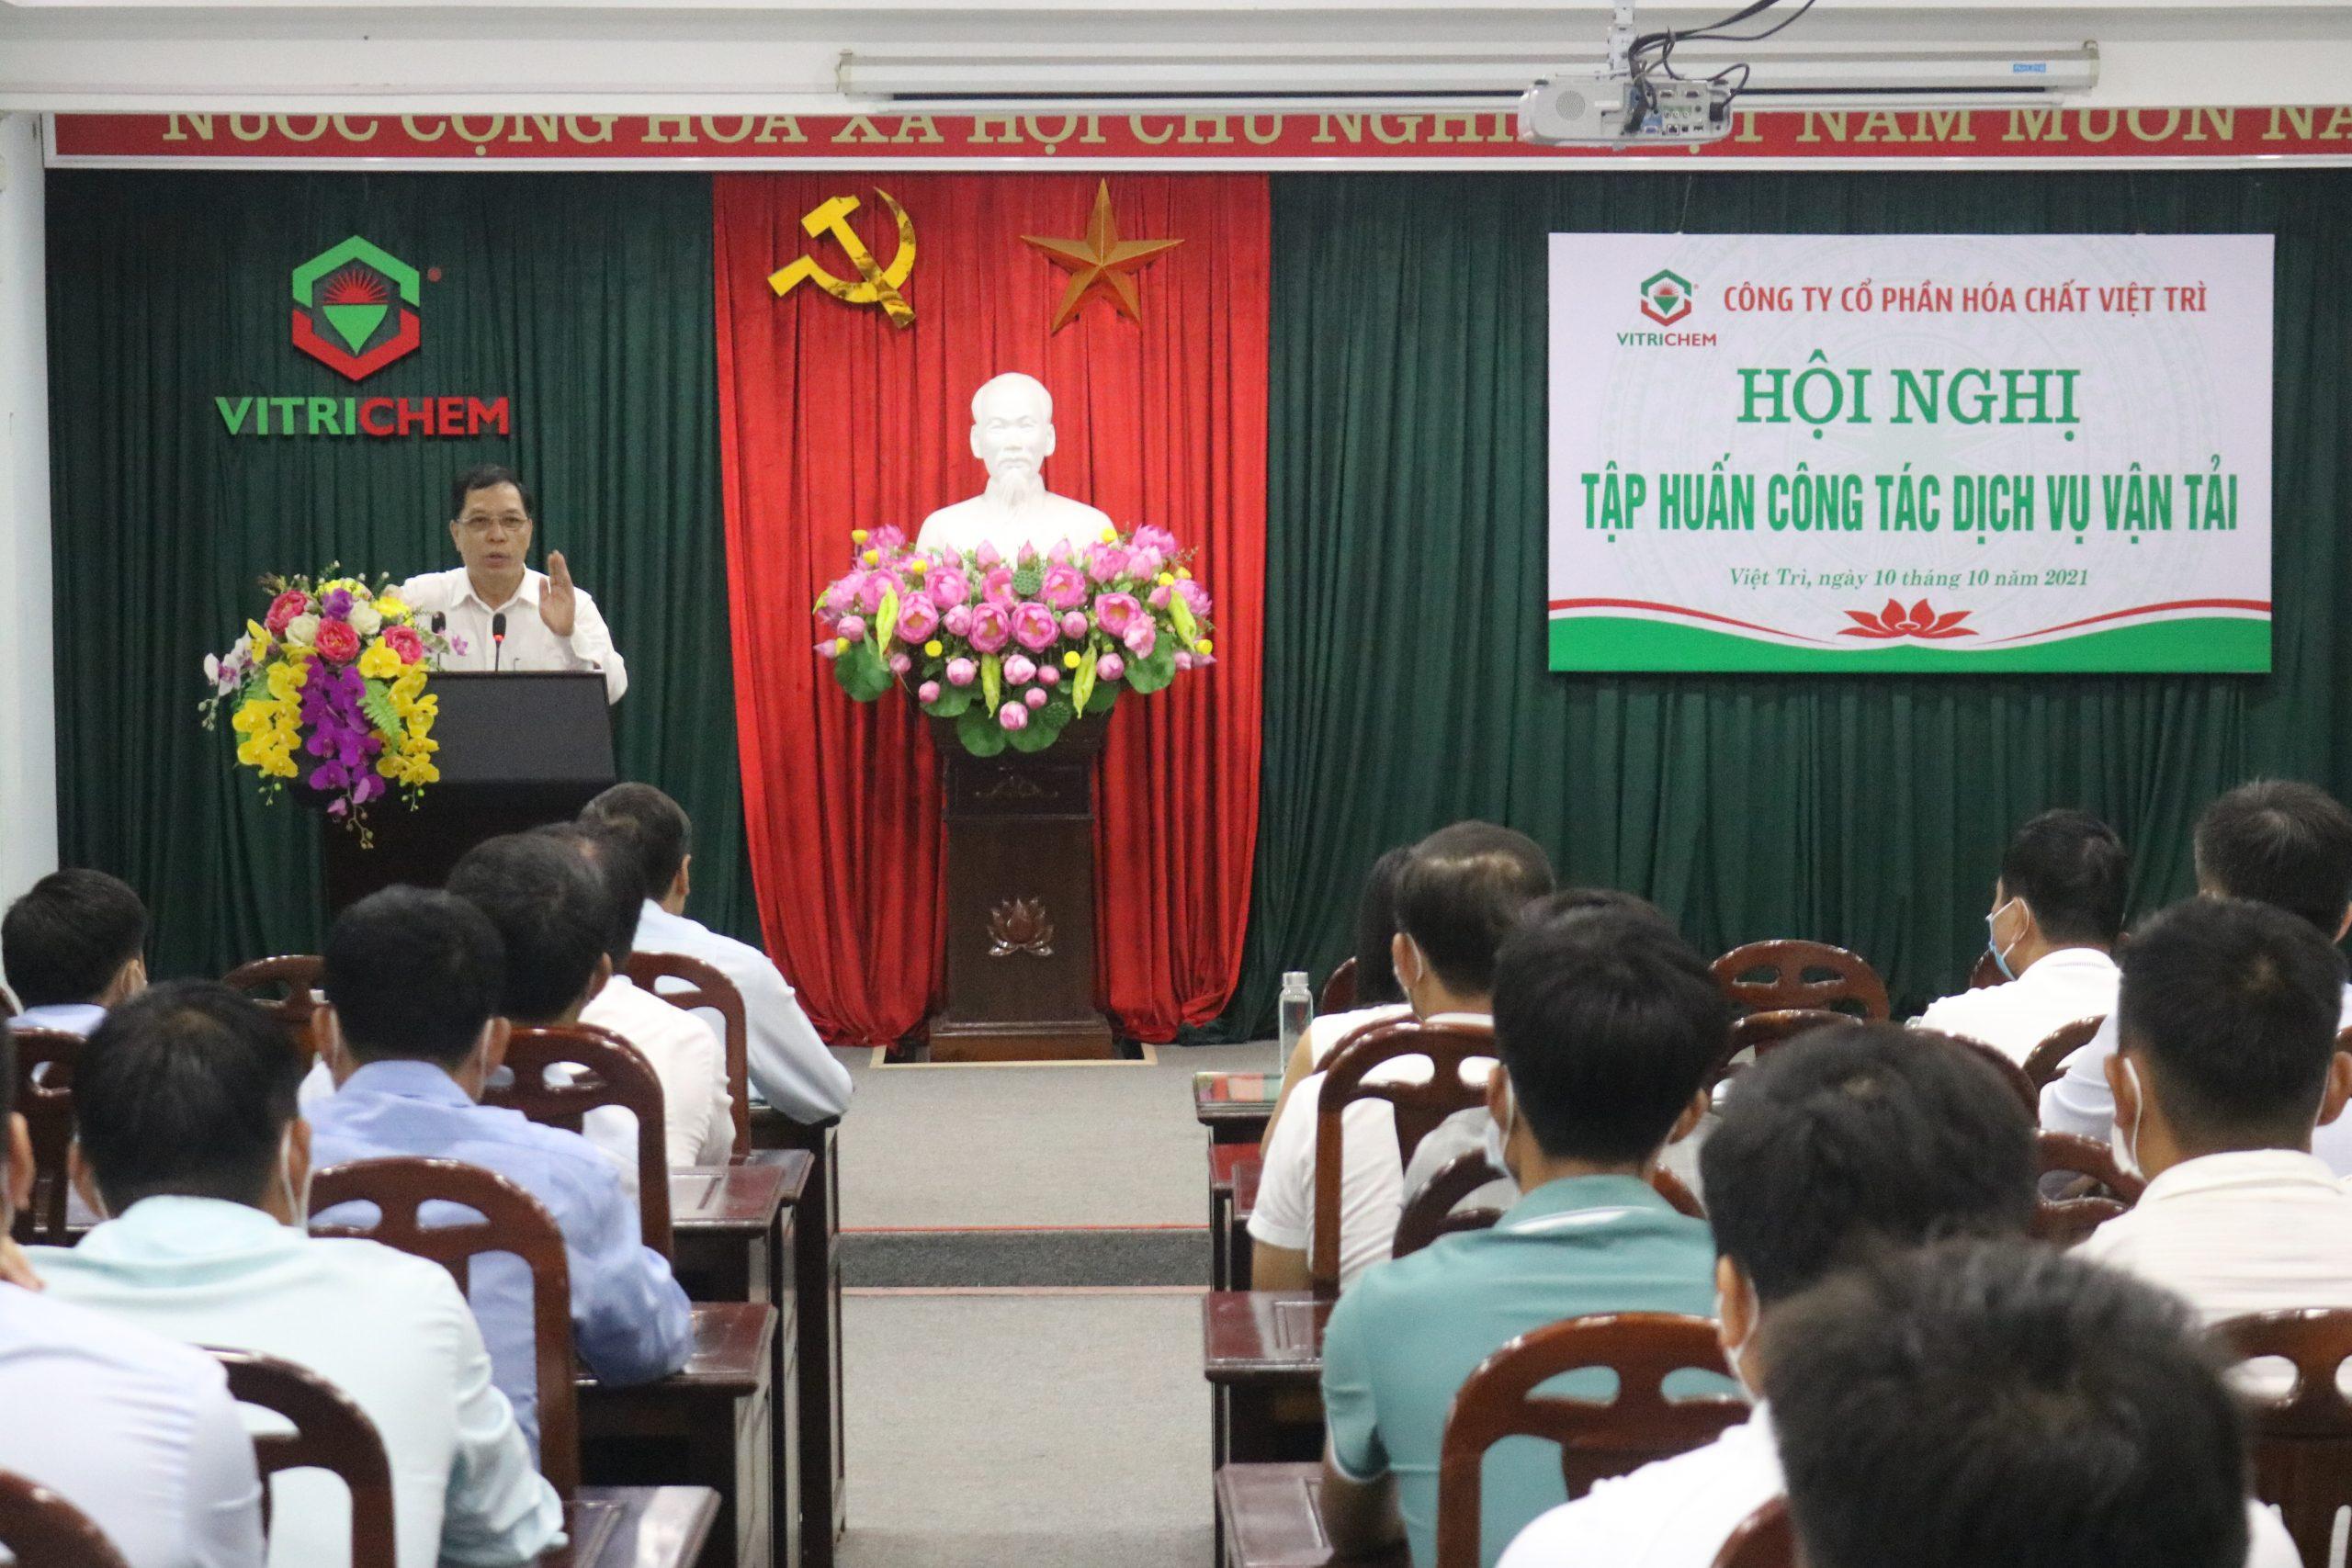 Hội nghị tập huấn công tác dịch vụ vận tải